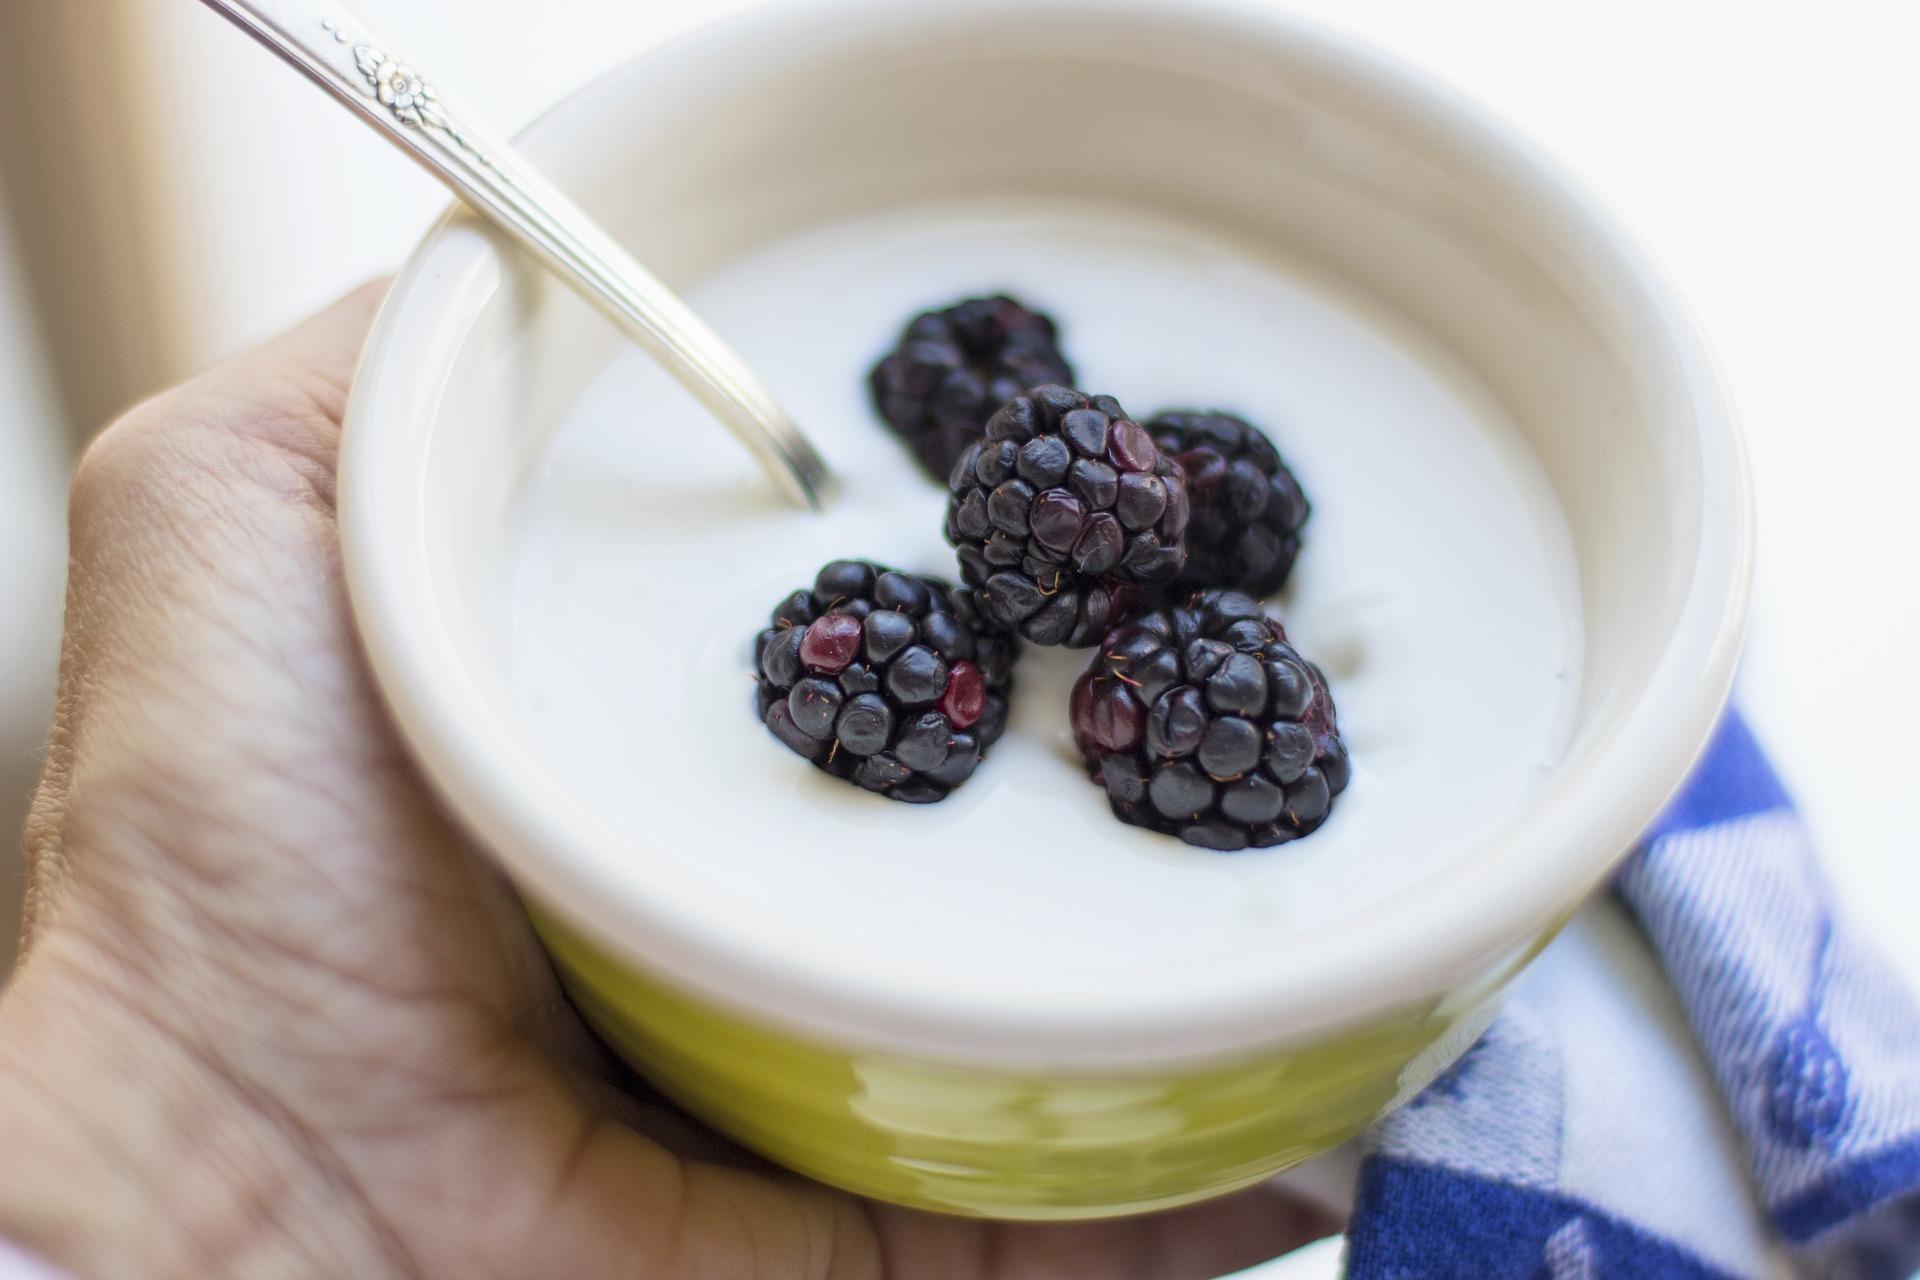 Iogurteira: Descubra como escolher o melhor modelo em 2020